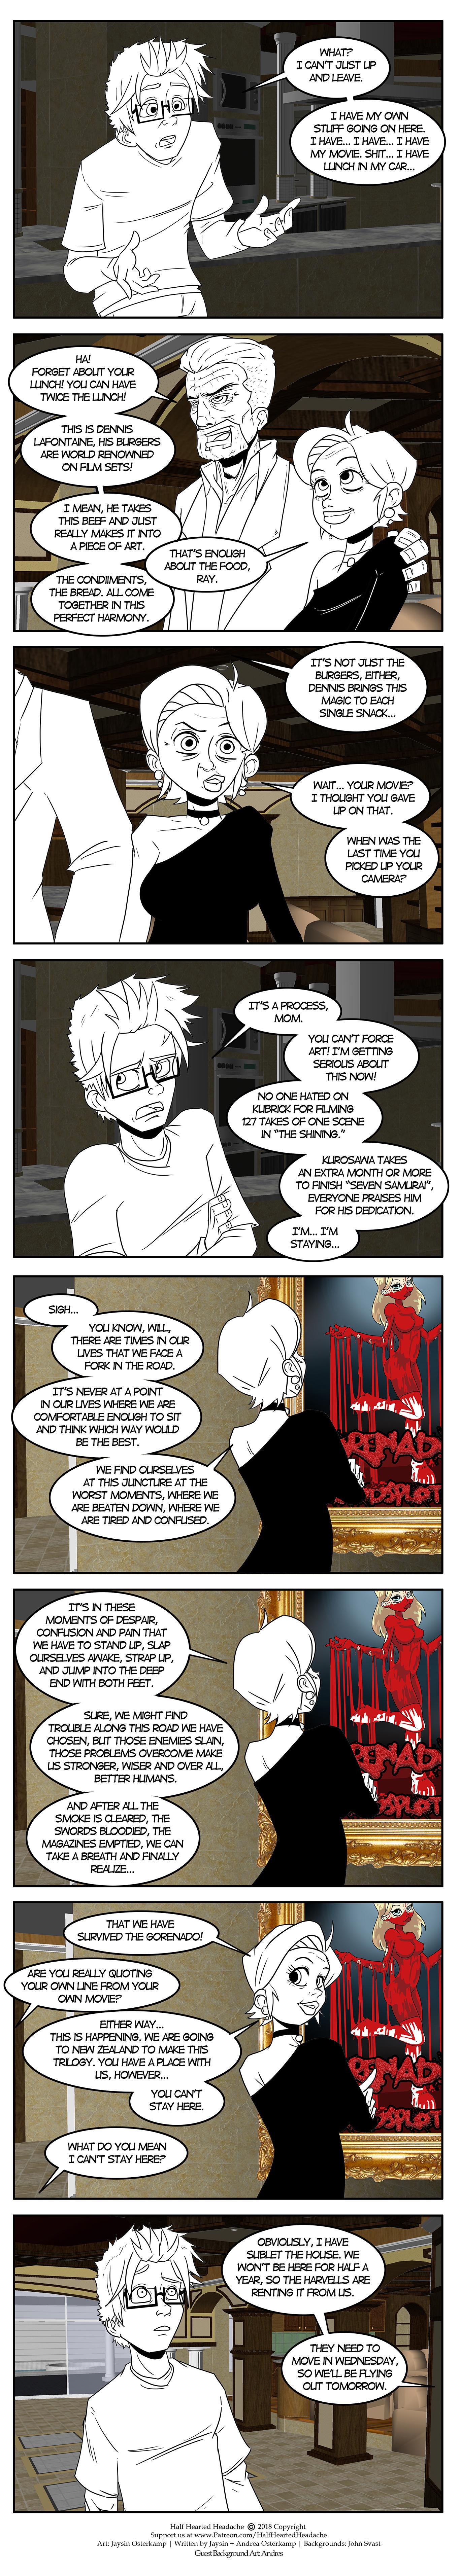 459 – The Gorenado